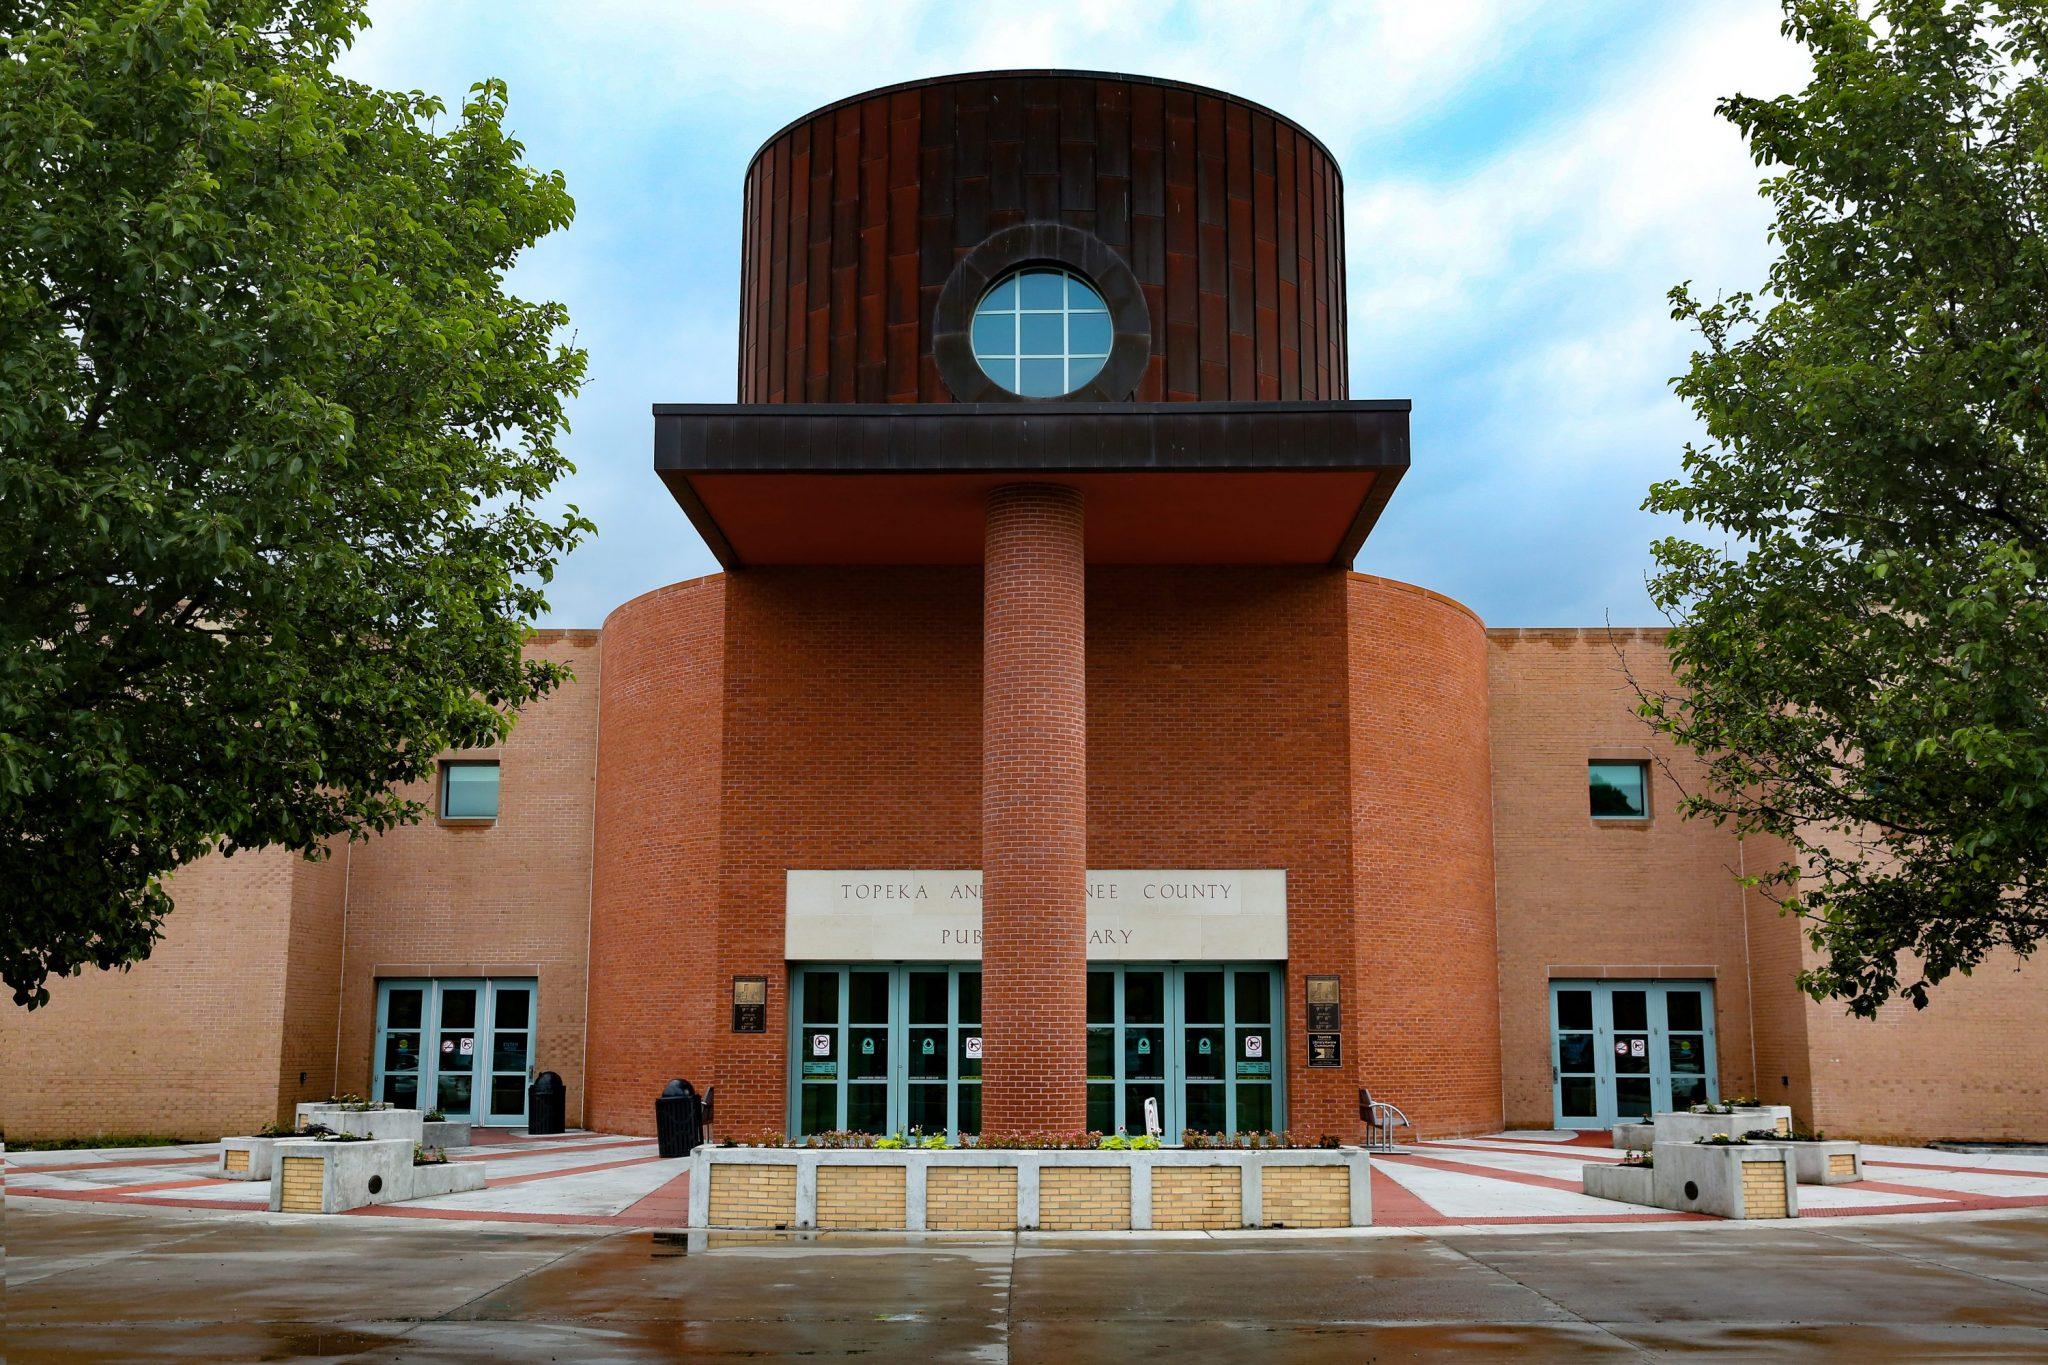 مایکل گریوز Topeka & Shawnee County Public Library